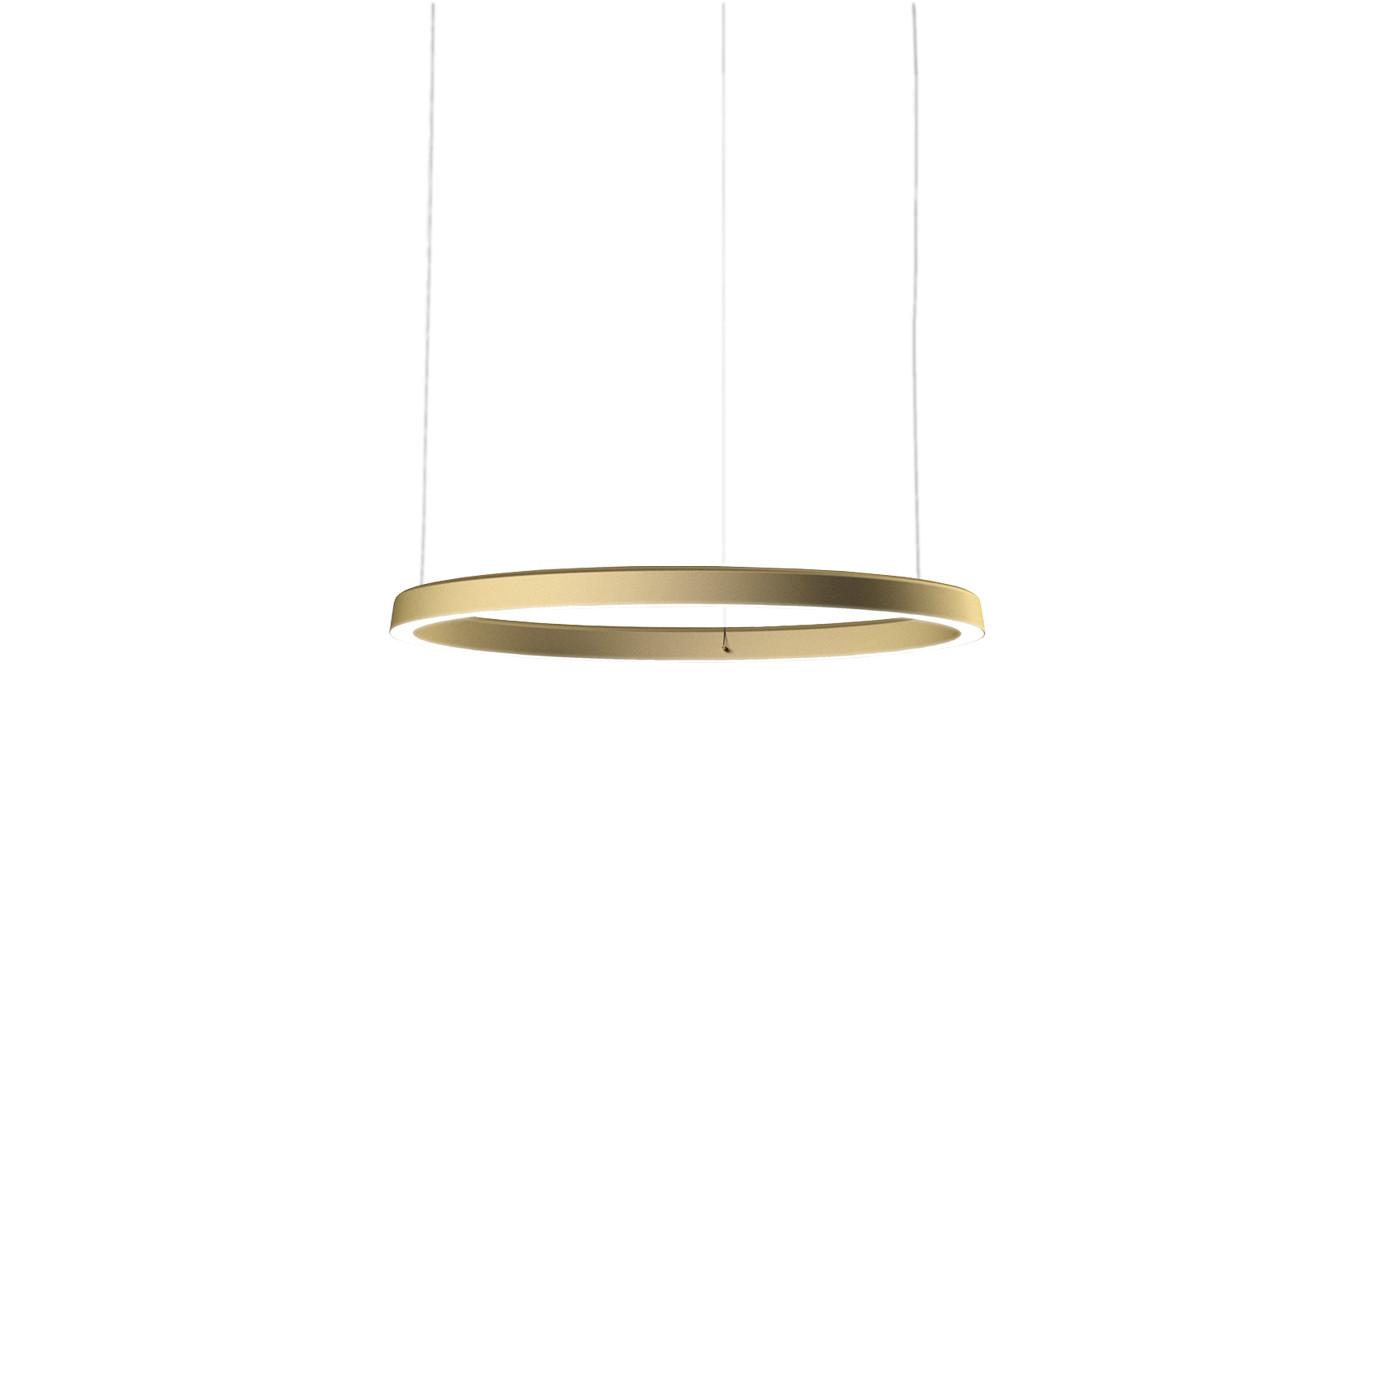 Luceplan Compendium Circle 72 Pendant Light